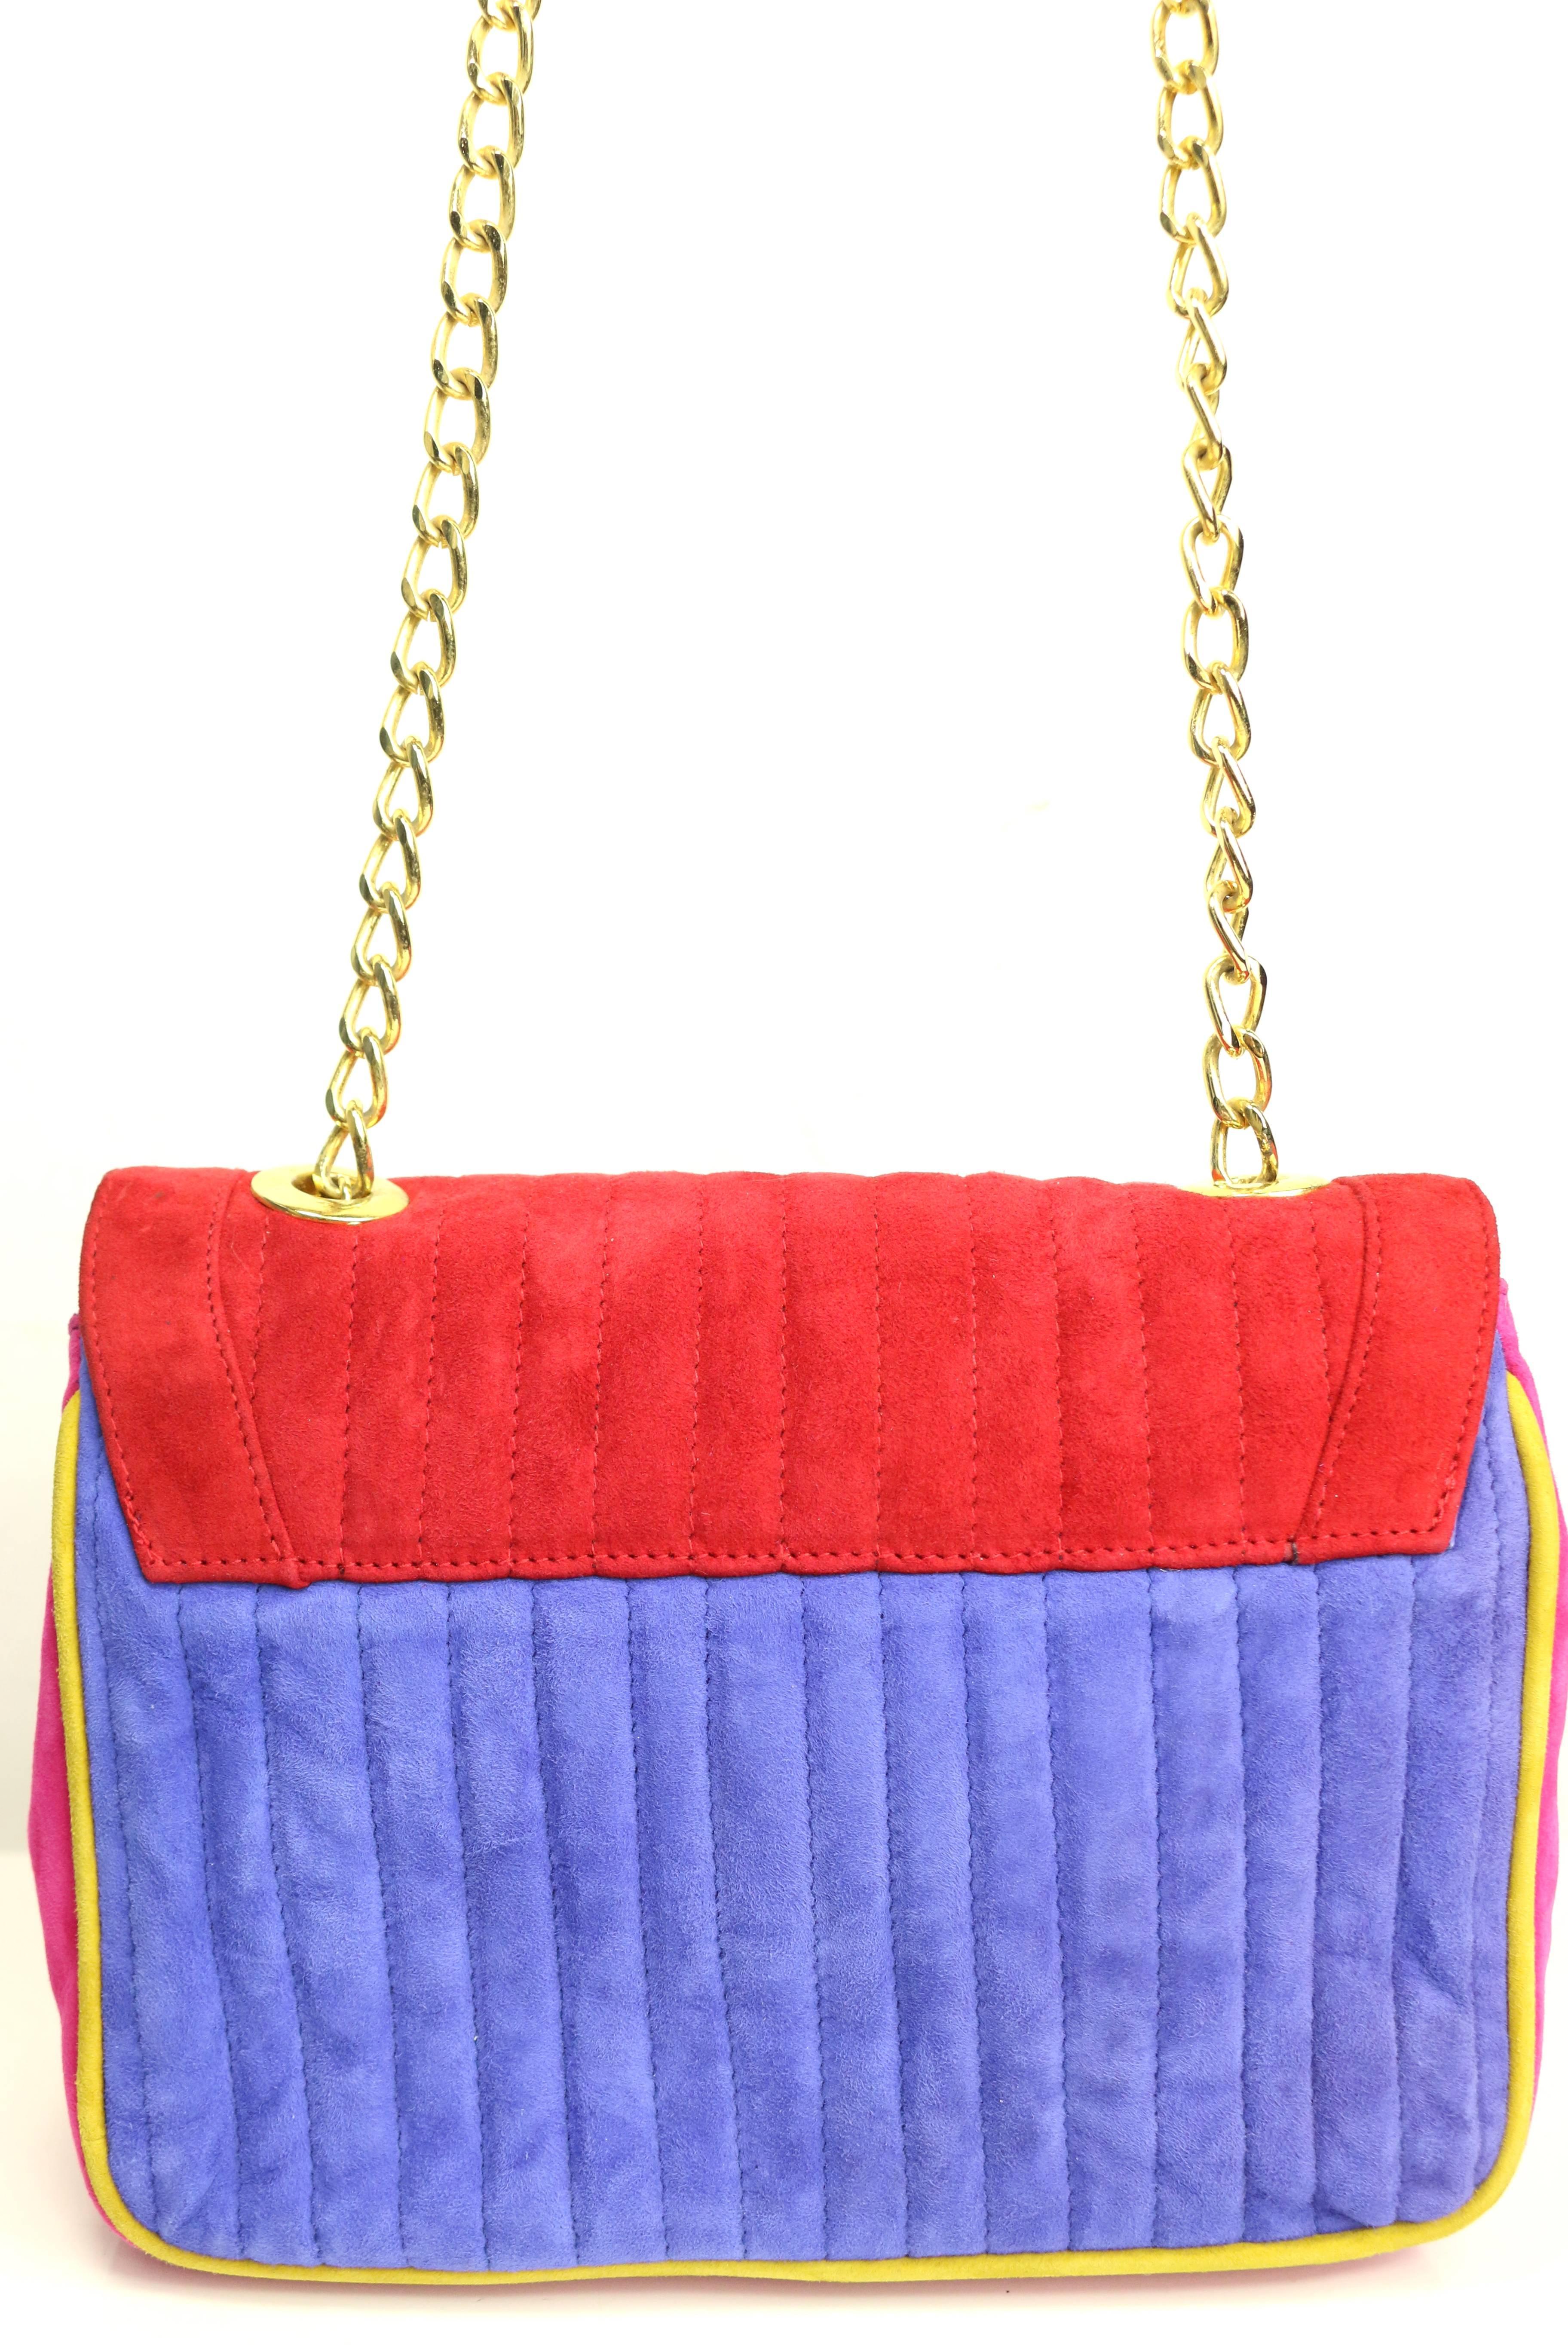 1stdibs Pancaldi Colour Blocked Suede Flap Shoulder Bag QH2xrc